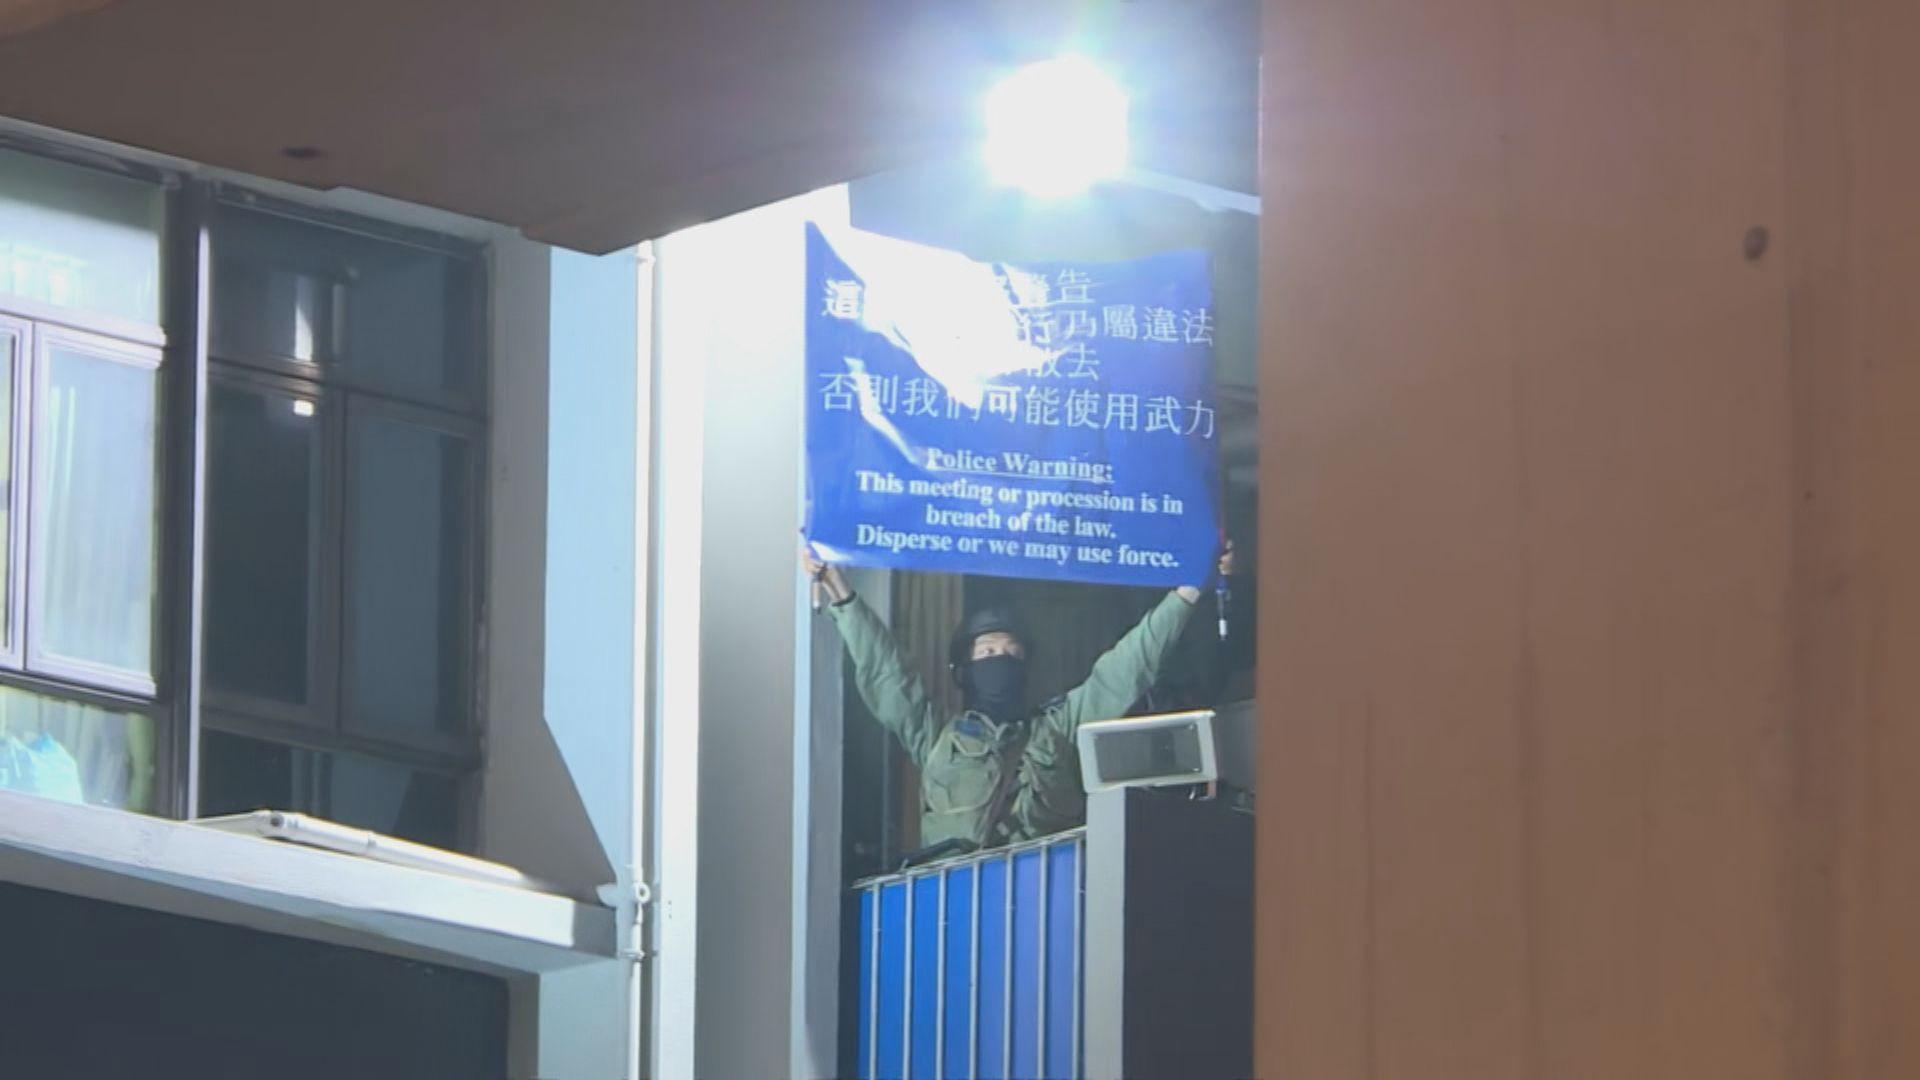 太子站紀念831事件 警方一度舉藍旗